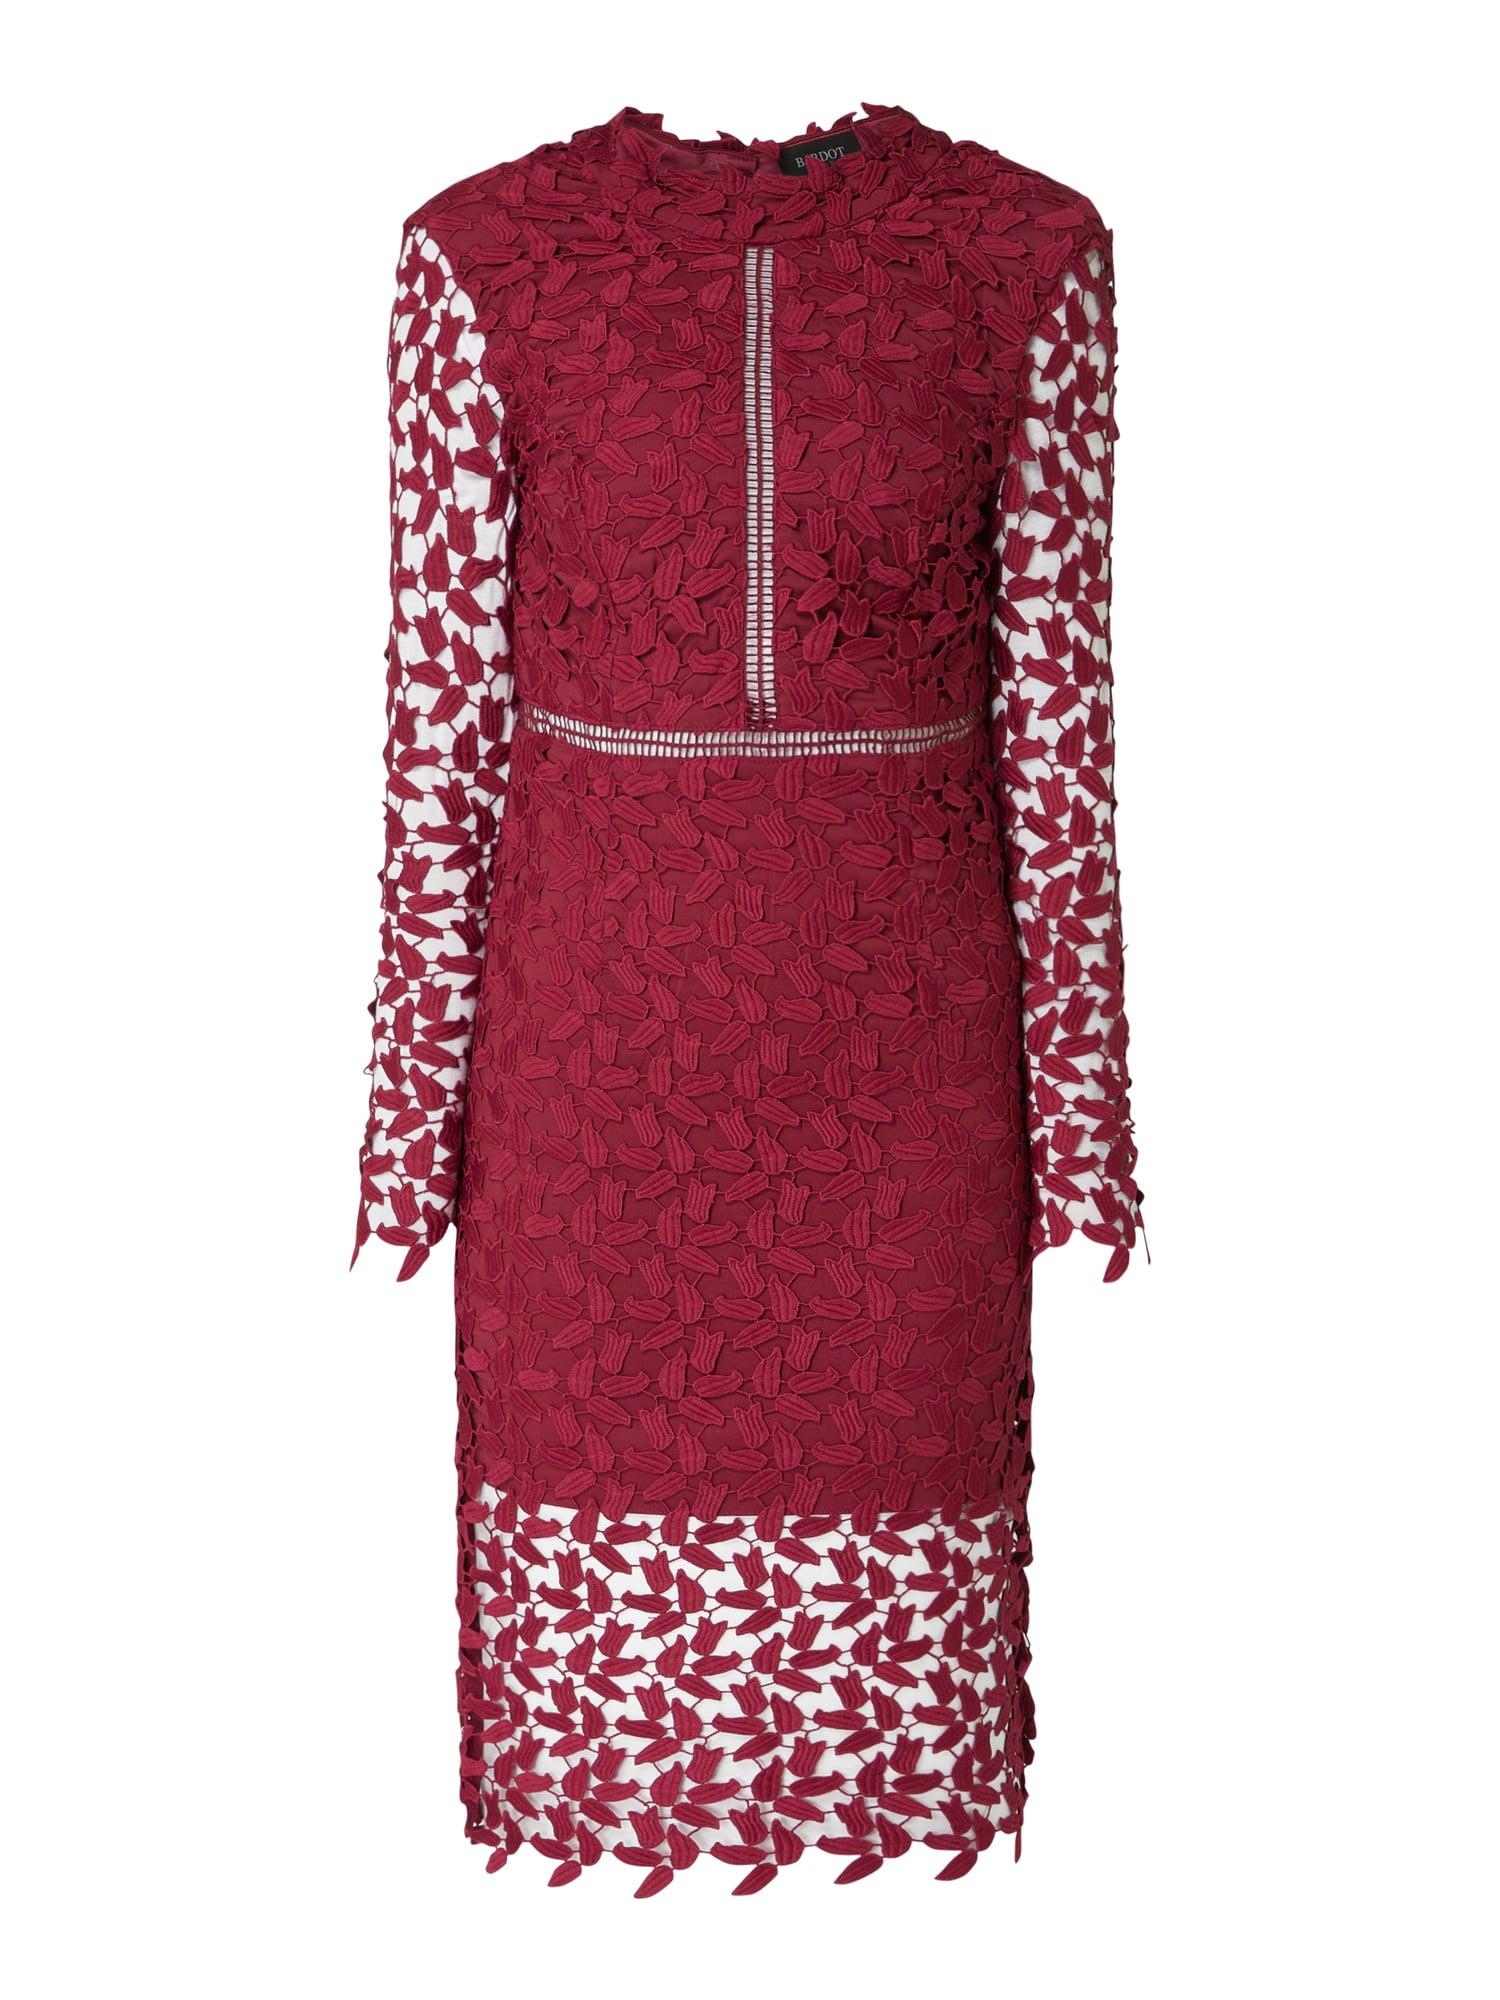 17 Coolste Kleid Spitze Bordeaux Vertrieb Schön Kleid Spitze Bordeaux Vertrieb